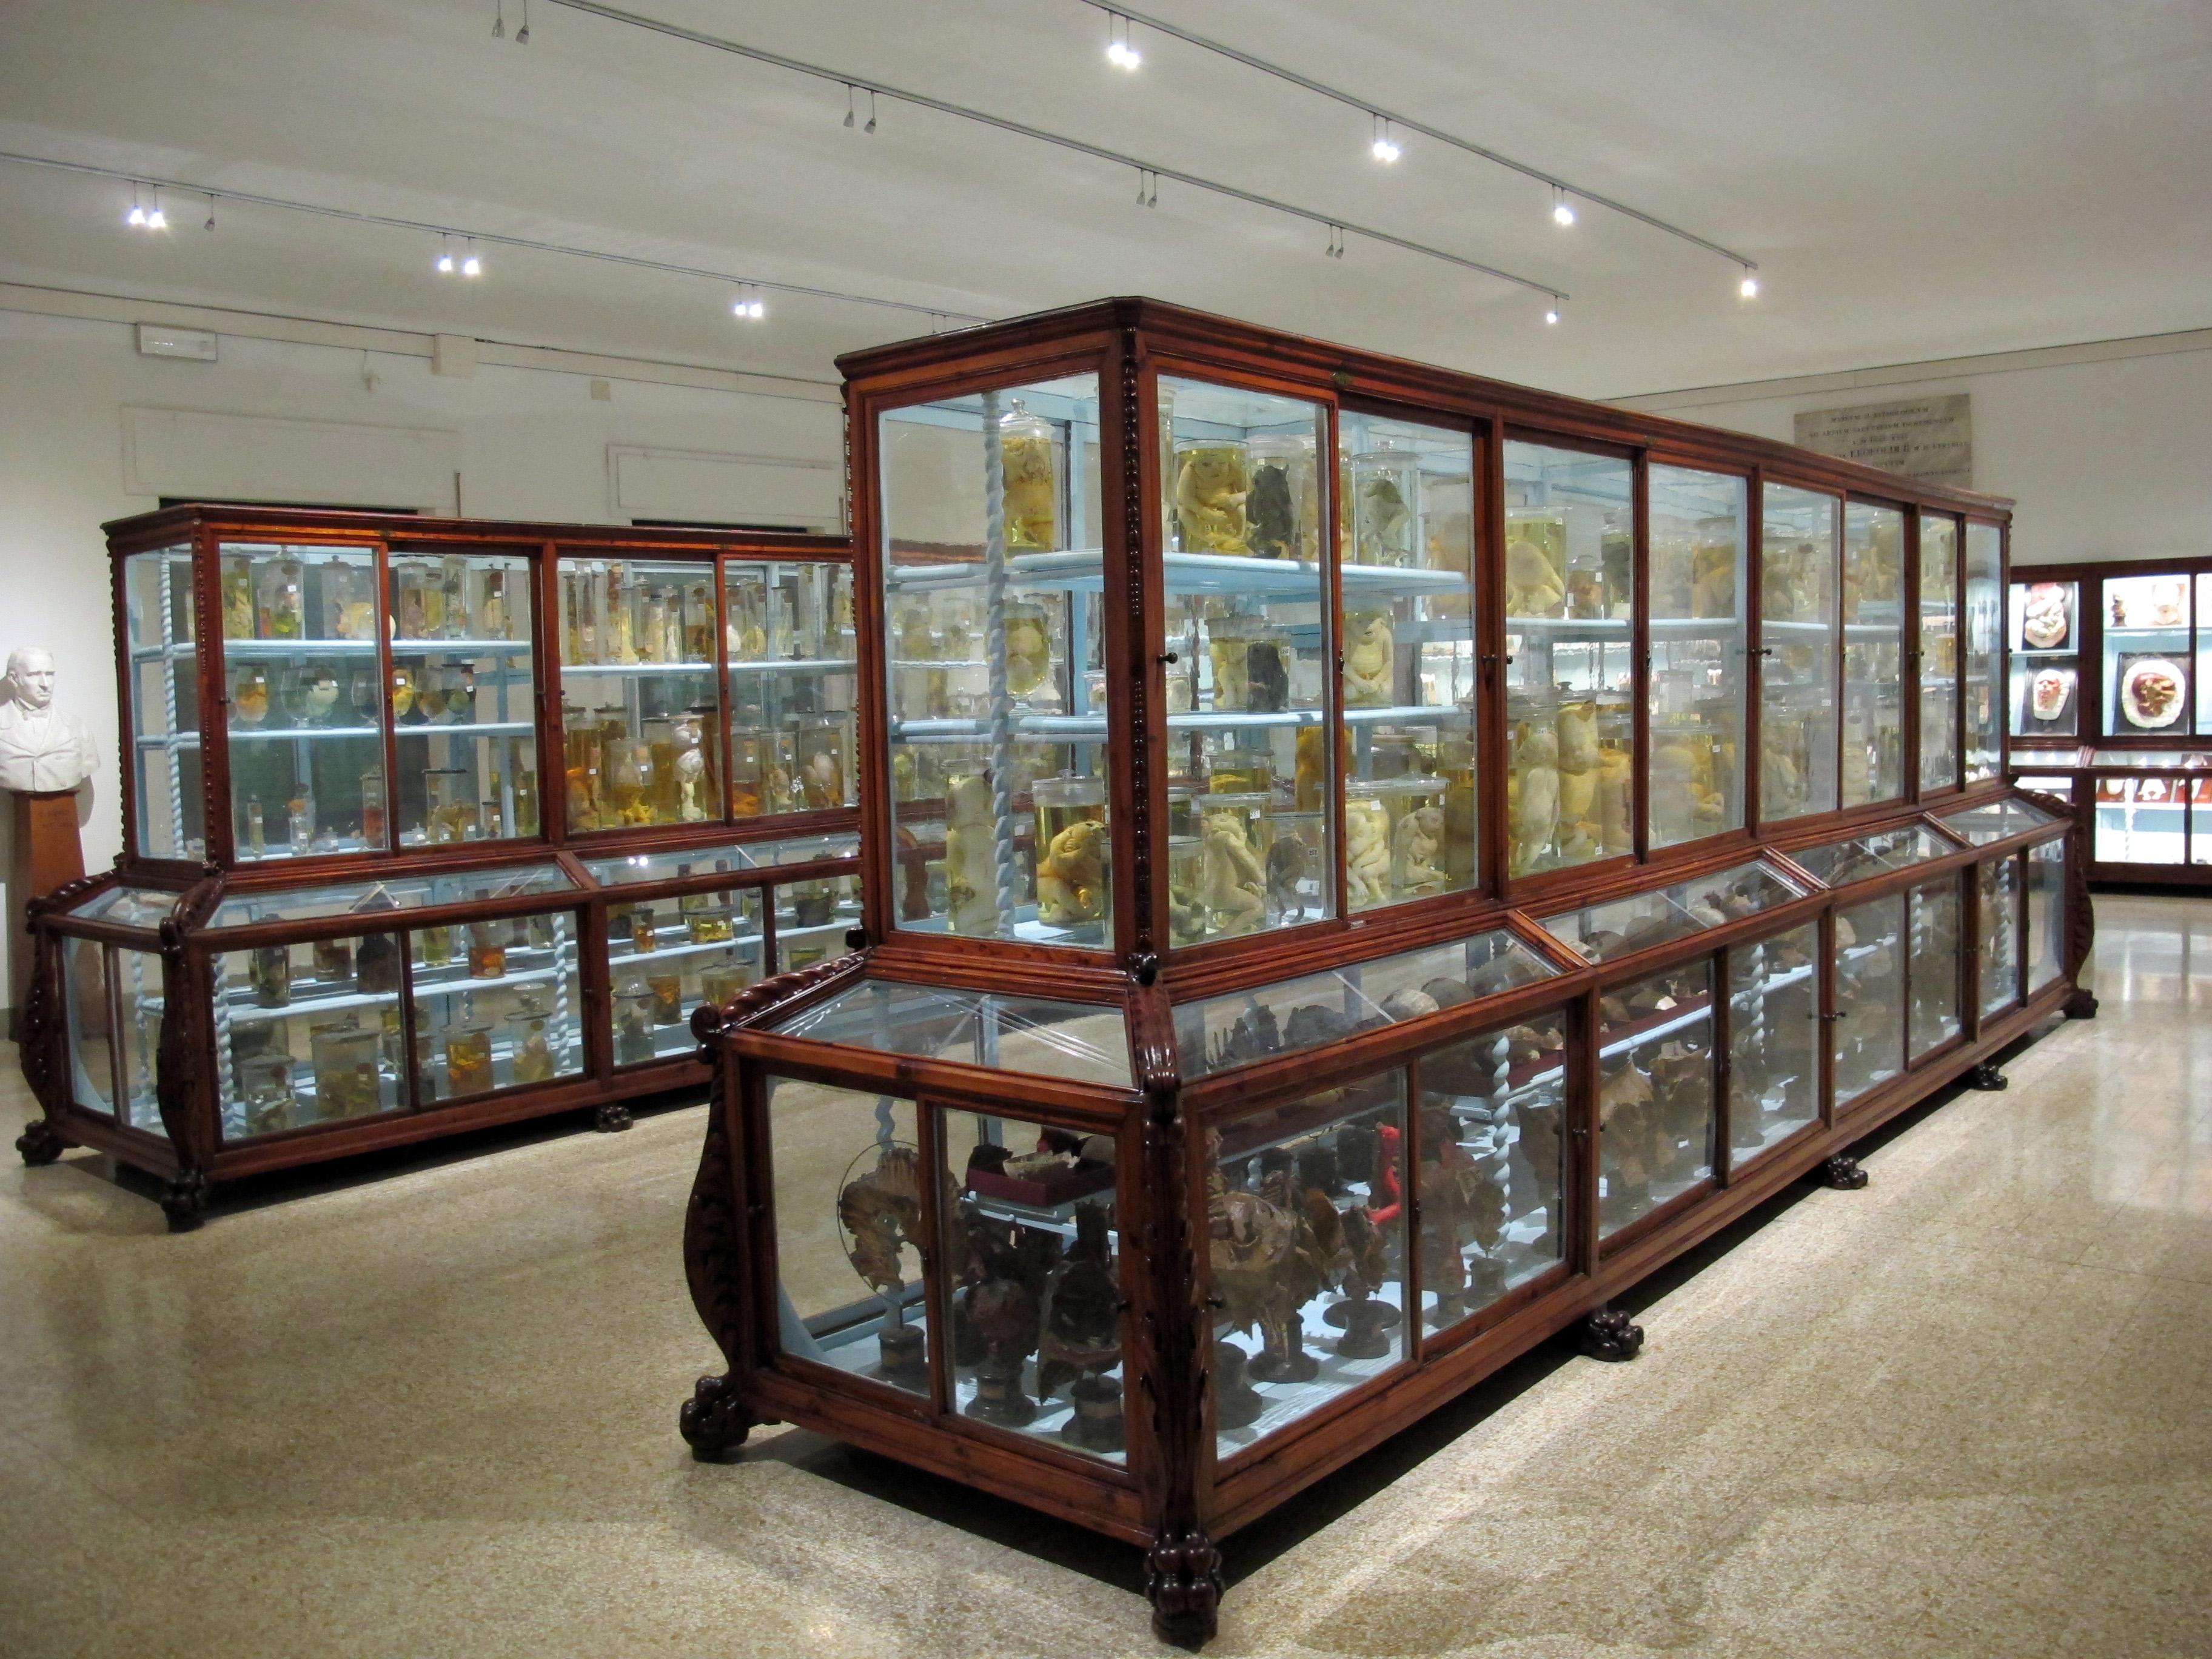 Istituto_di_anatomia_patologica%2C_museo